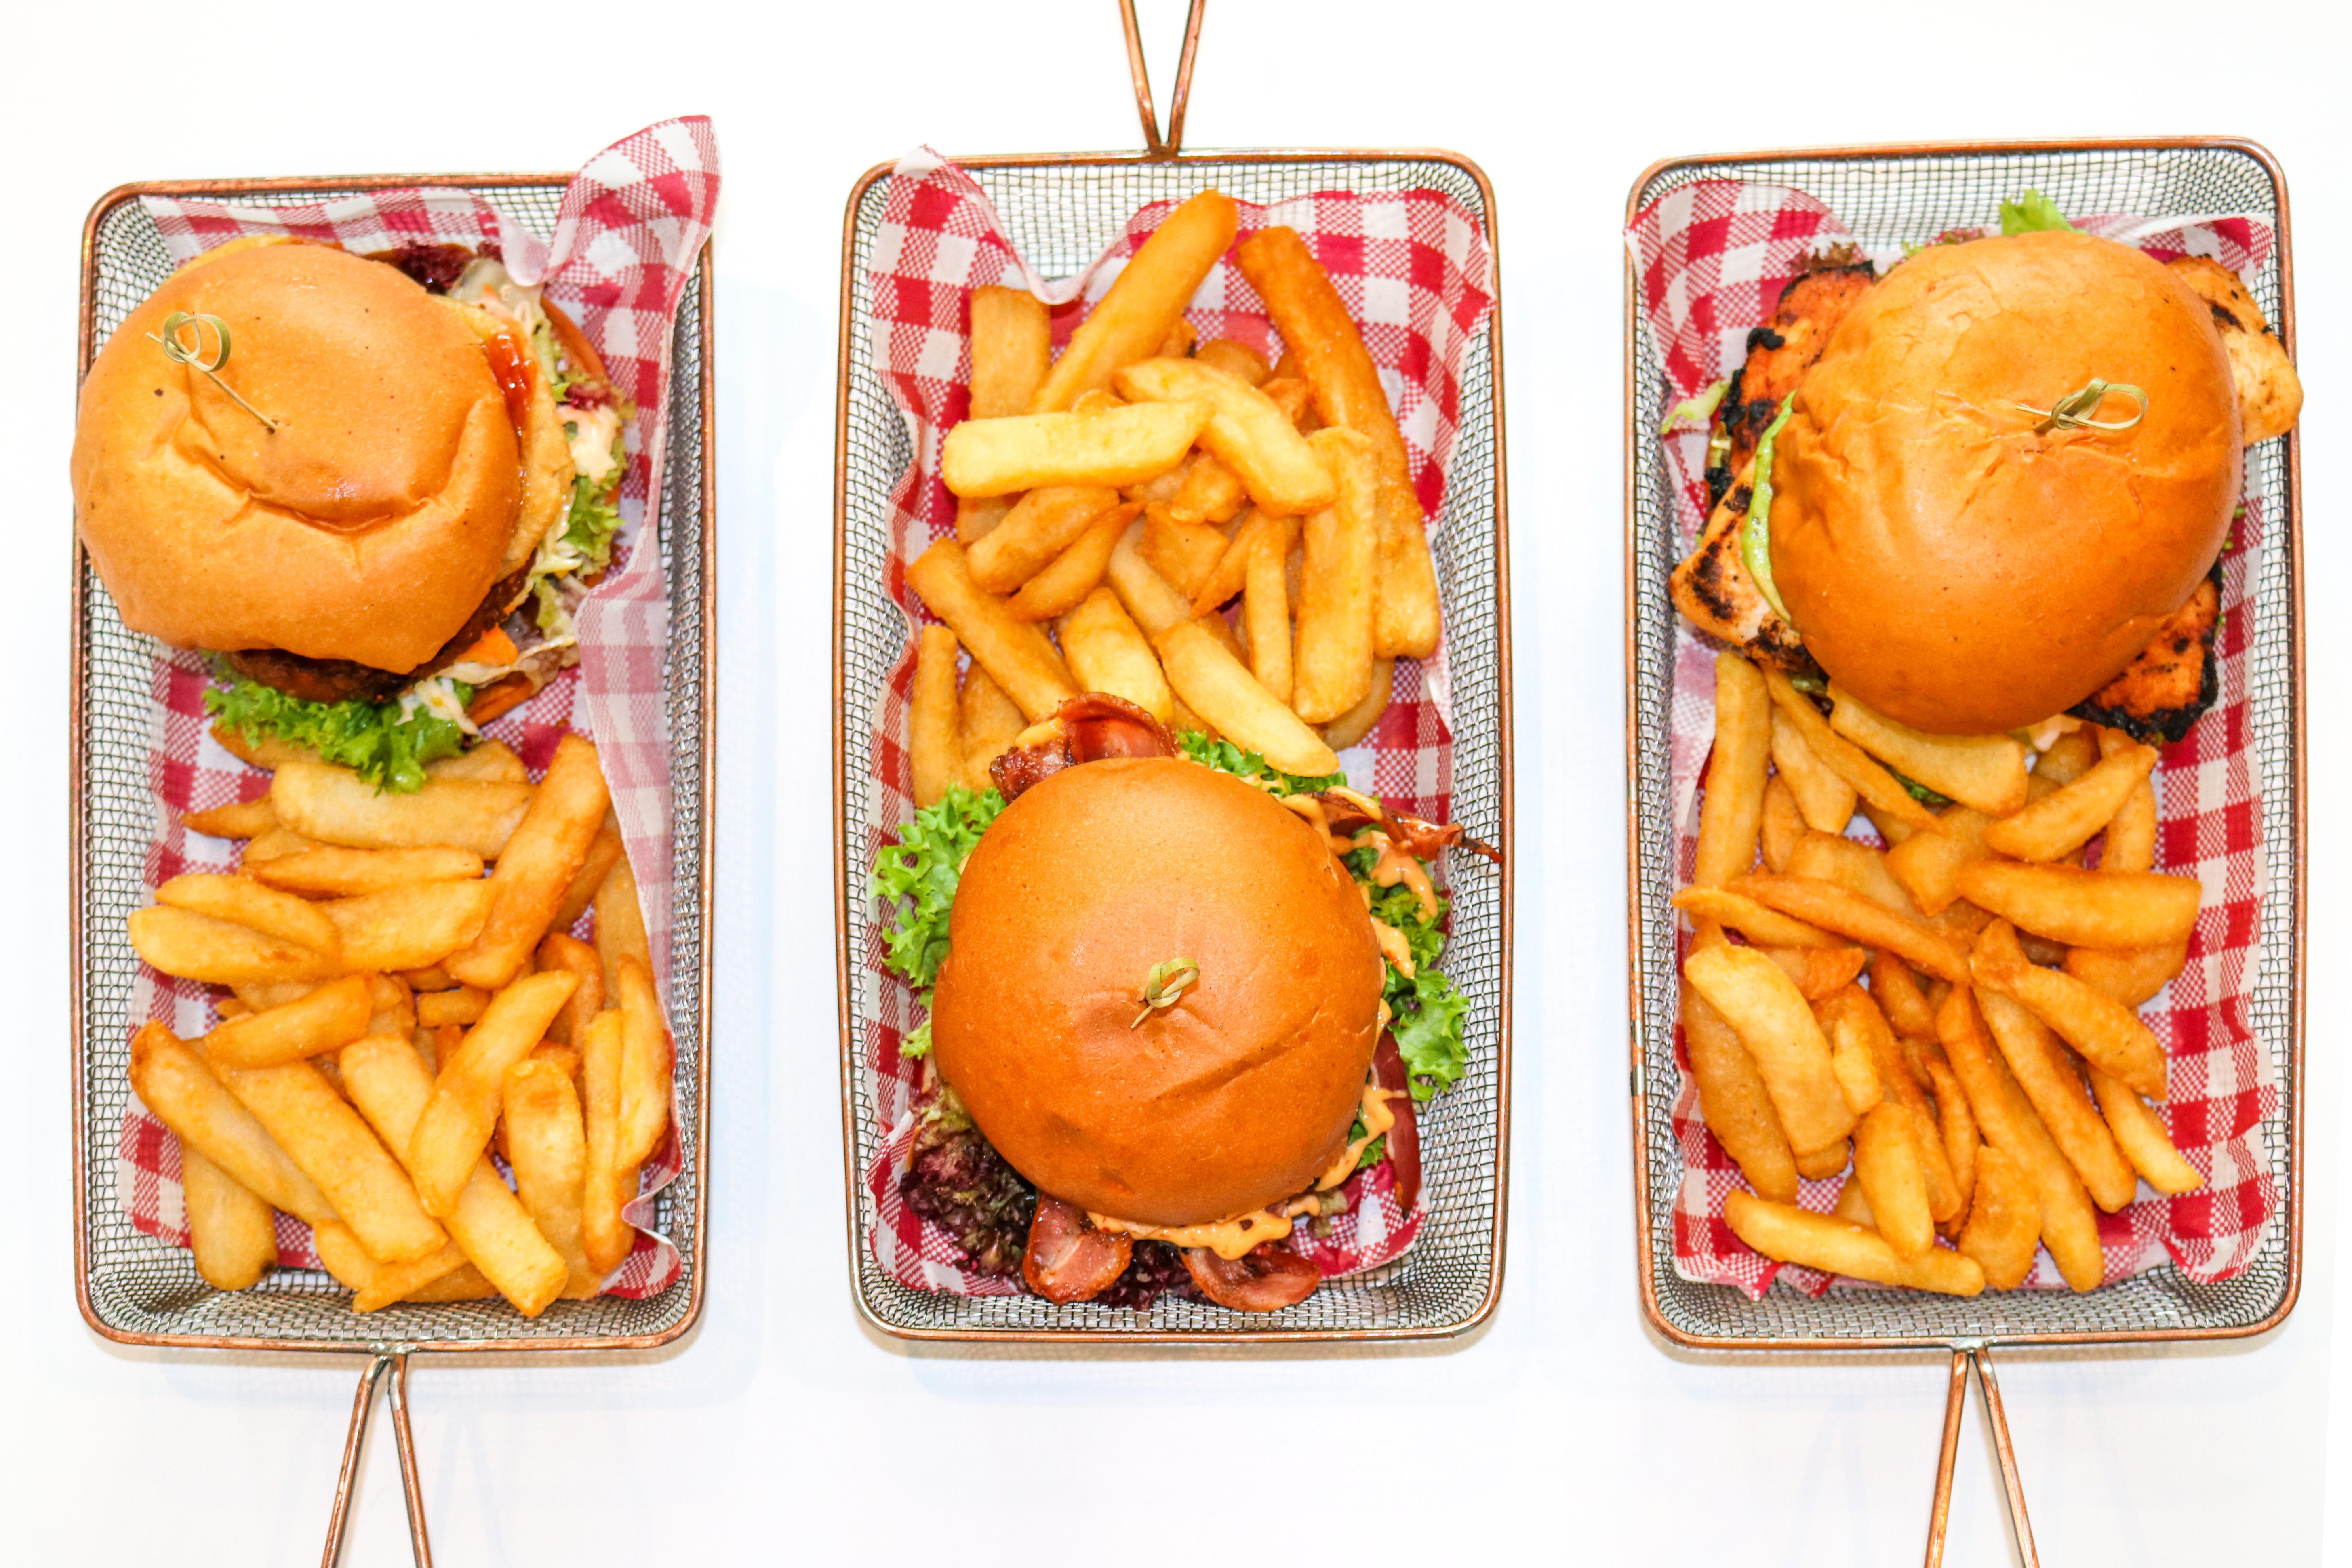 3 Biggles Burgers